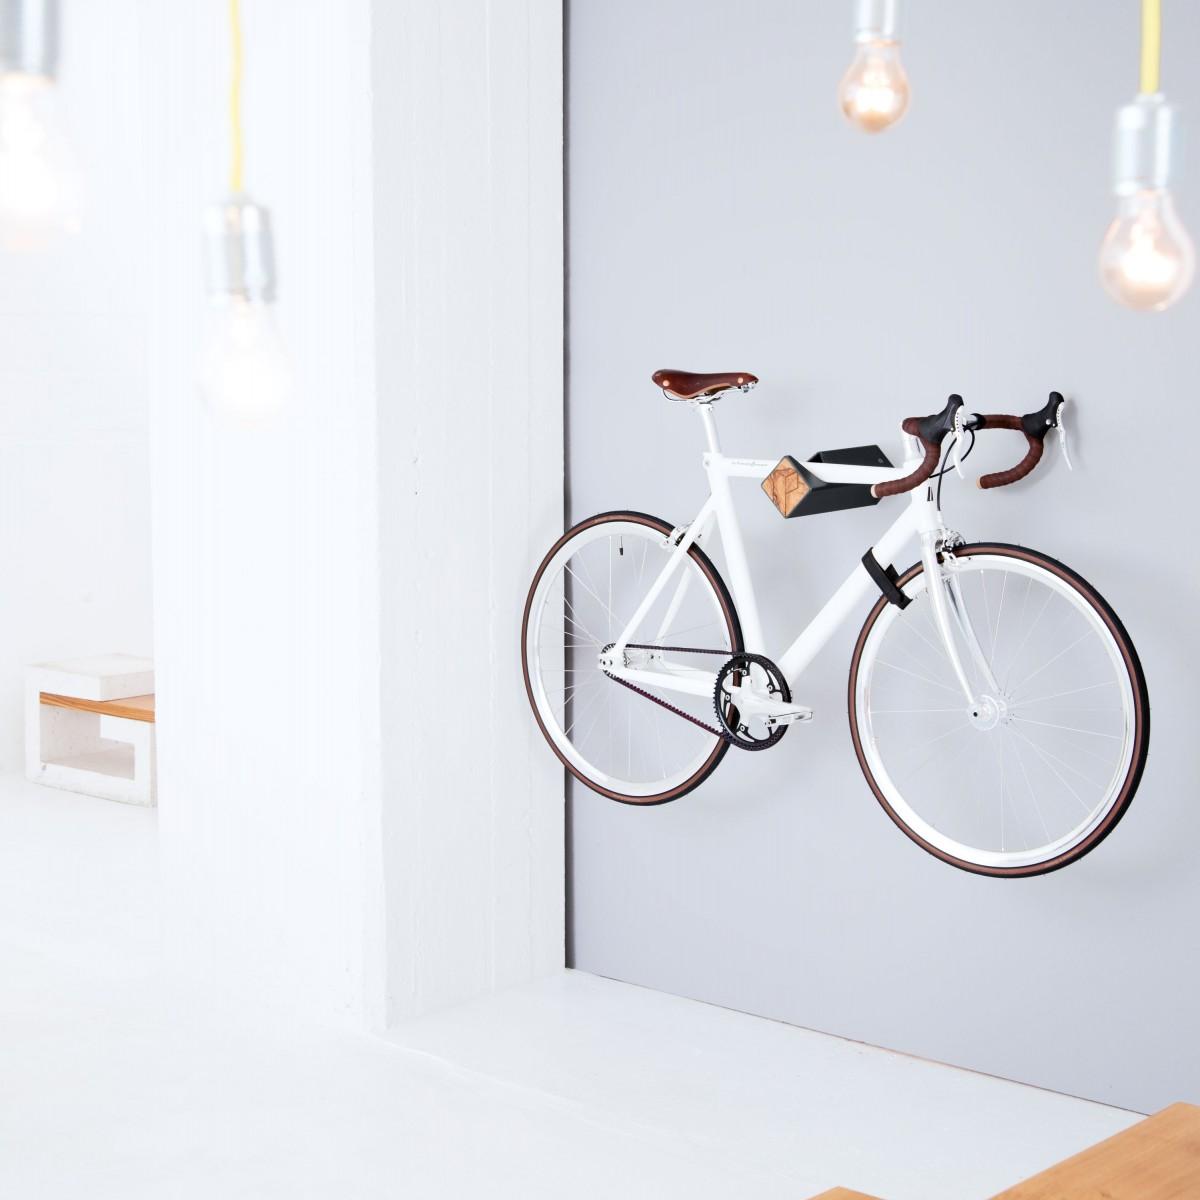 Stilvolle Design Fahrrad Wandhalterung | PARAX® D-RACK | für Rennrad, Hardtail, Cityrad & Tourenrad | Schwarz mit Oliven Holz